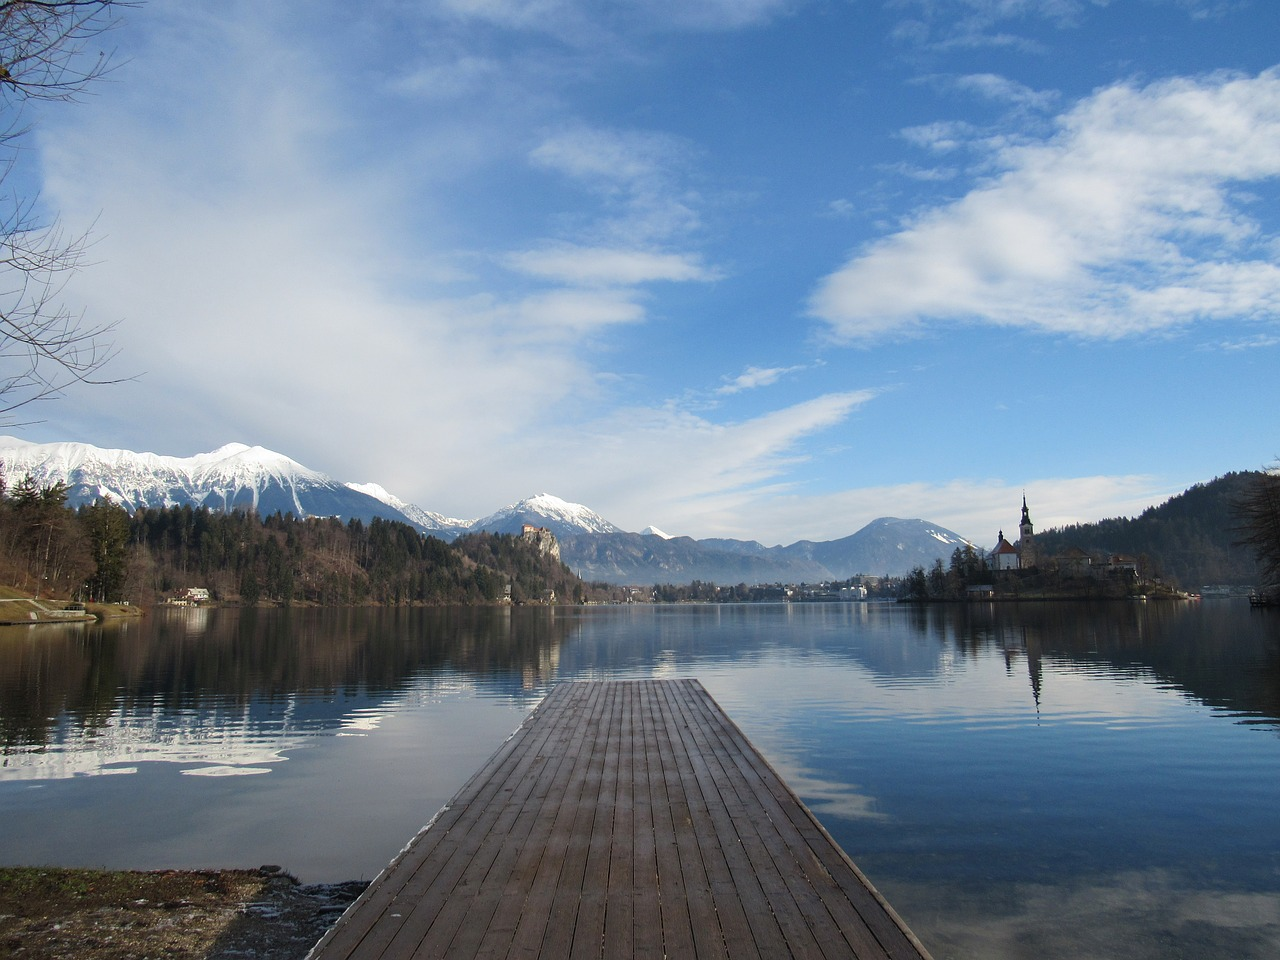 Jezioro Bled / Co warto zobaczyć i zwiedzić? Ciekawe miejsca, atrakcje turystyczne, pogoda i plaże